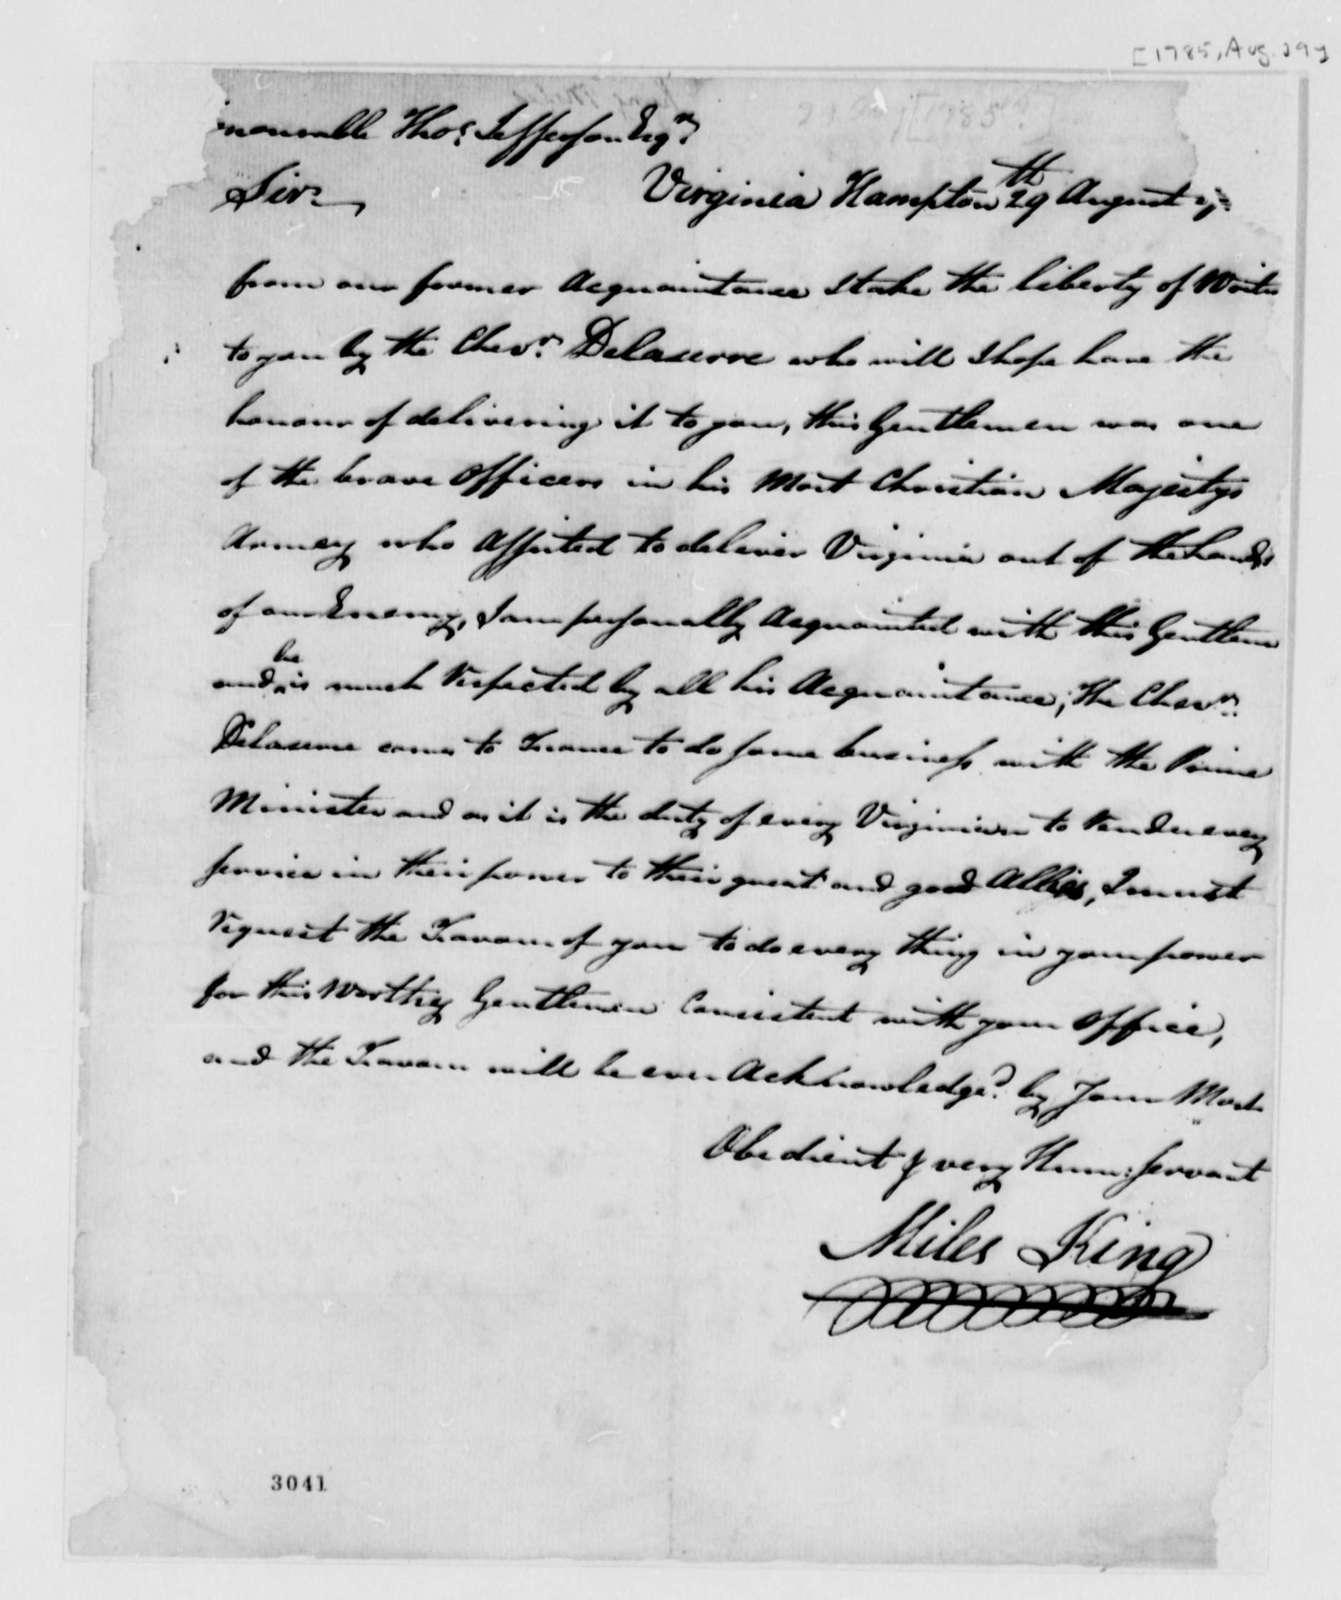 Miles King to Thomas Jefferson, August 29, 1785